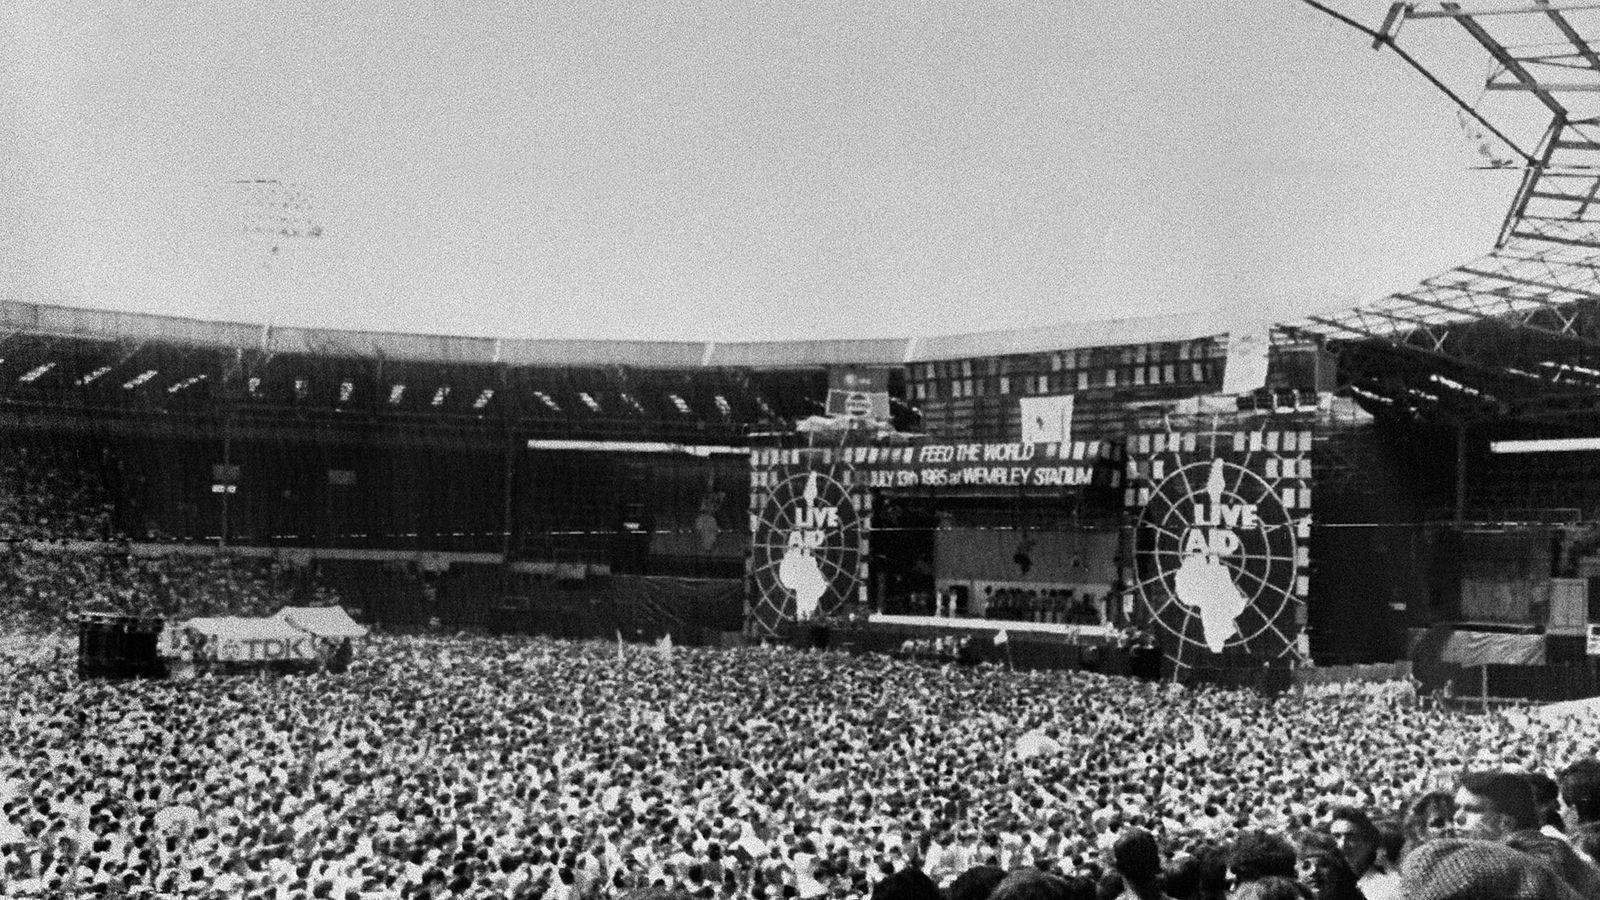 Freddie Mercury Live Aid Wallpapers Top Free Freddie Mercury Live Aid Backgrounds Wallpaperaccess